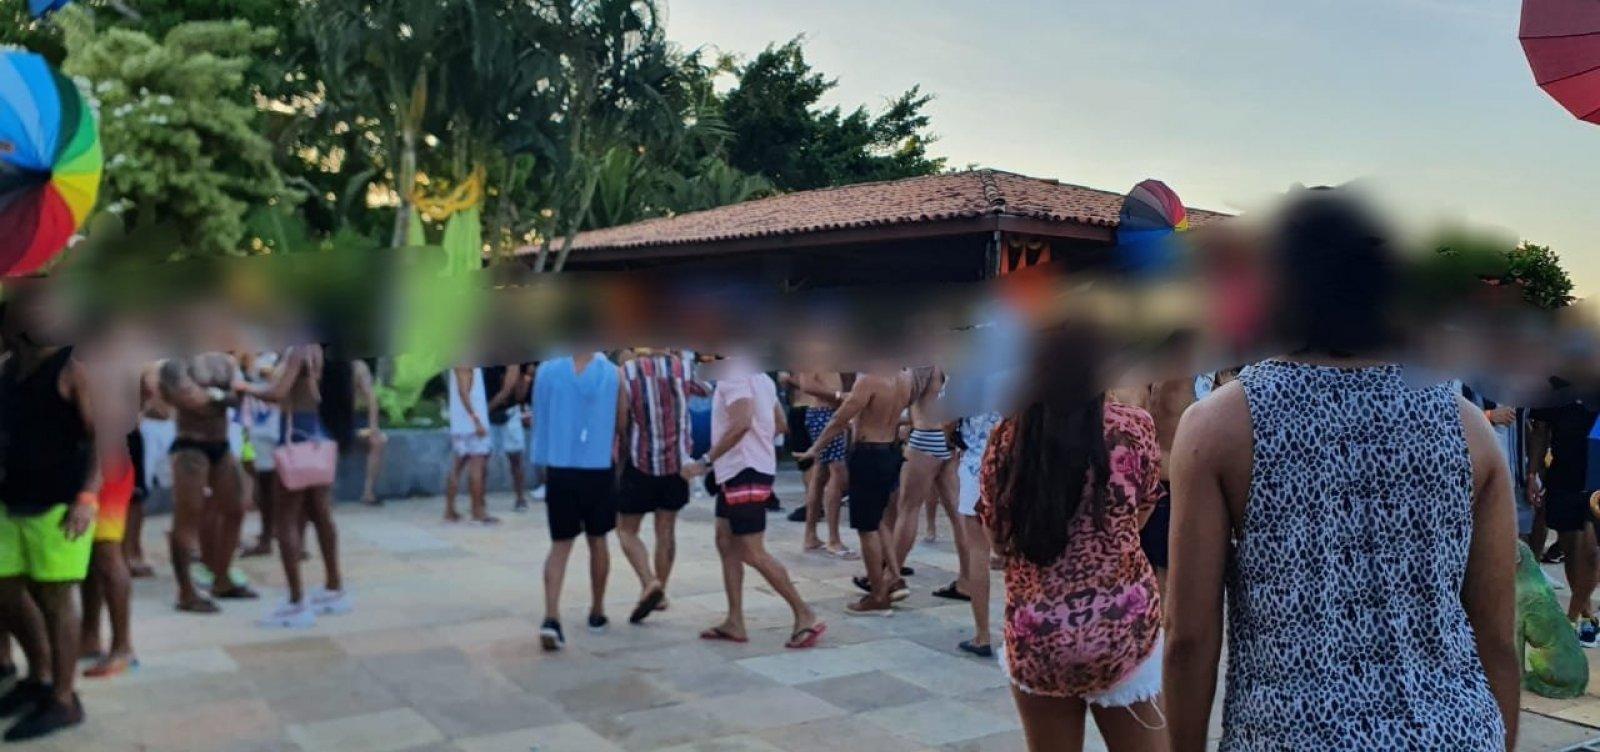 Polícia encerra evento com 100 pessoas em Lauro de Freitas